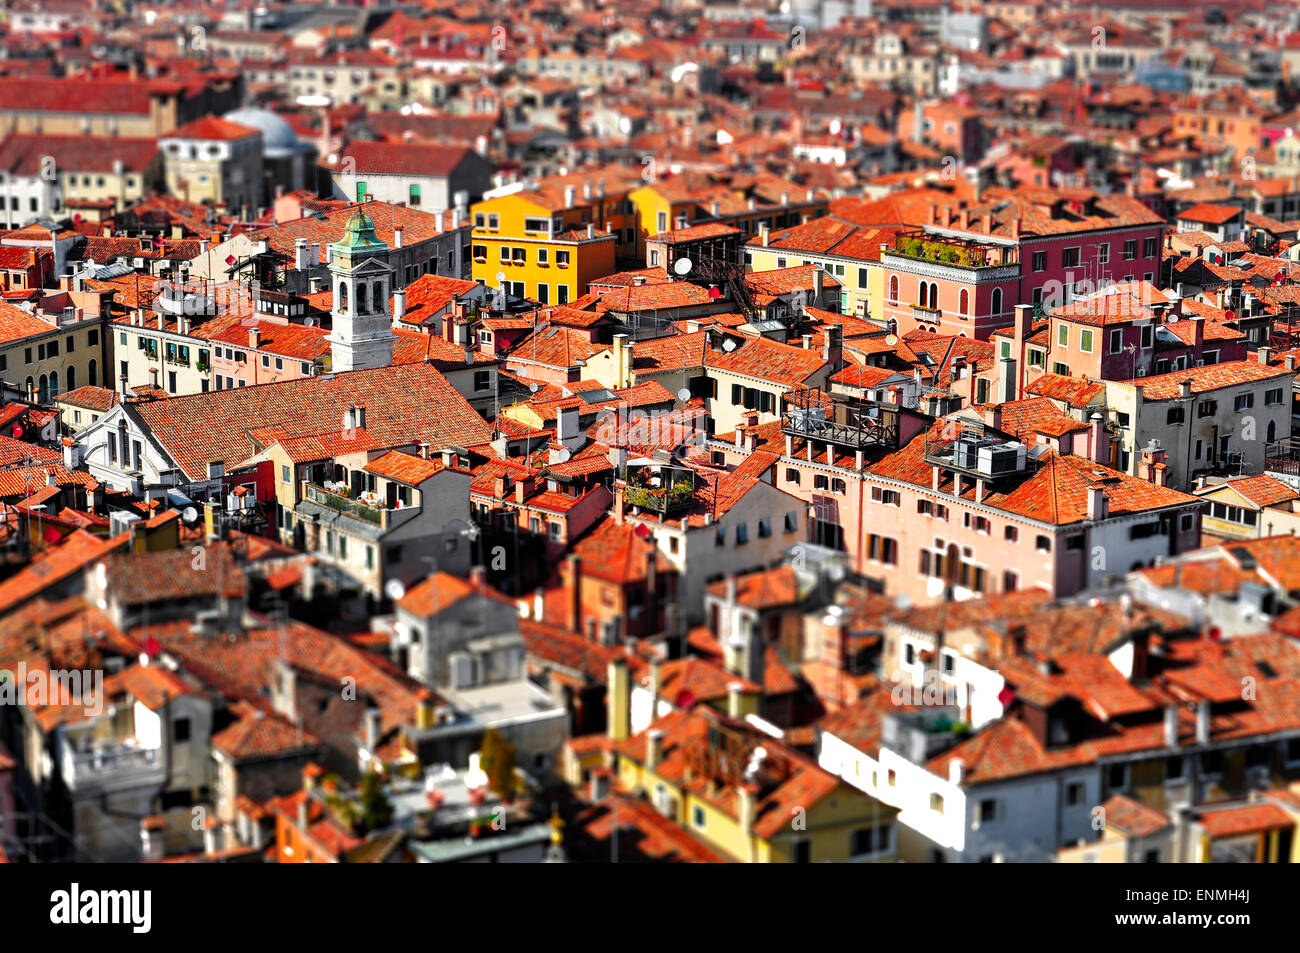 Una vista dei tetti di Venezia, in Italia, con tilt shift effetto lente Immagini Stock